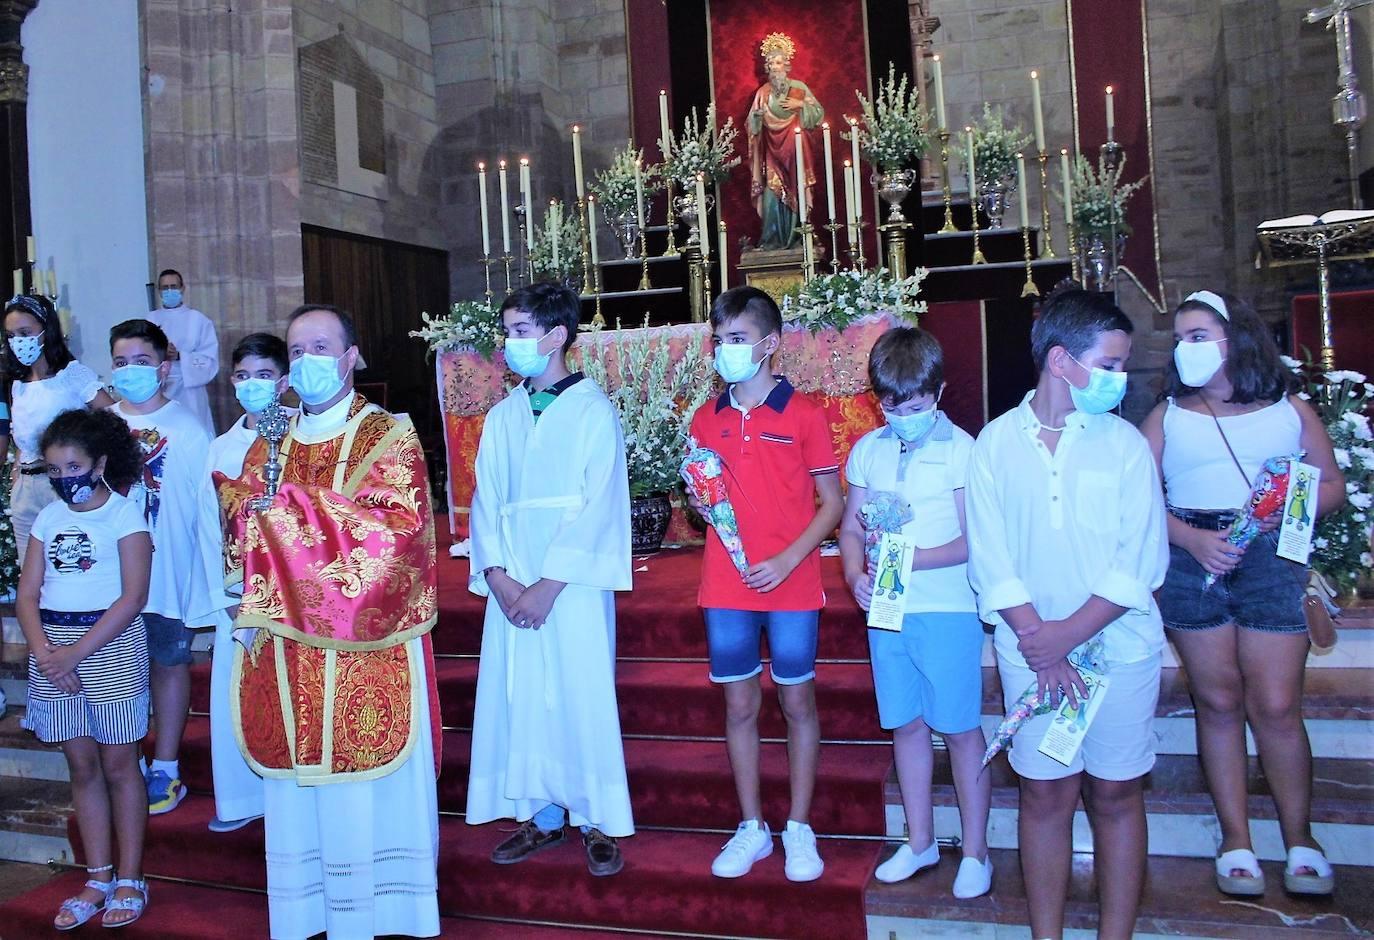 La devoción a San Bartolomé introduce sabia nueva para perdurar su fe en la barriada popular